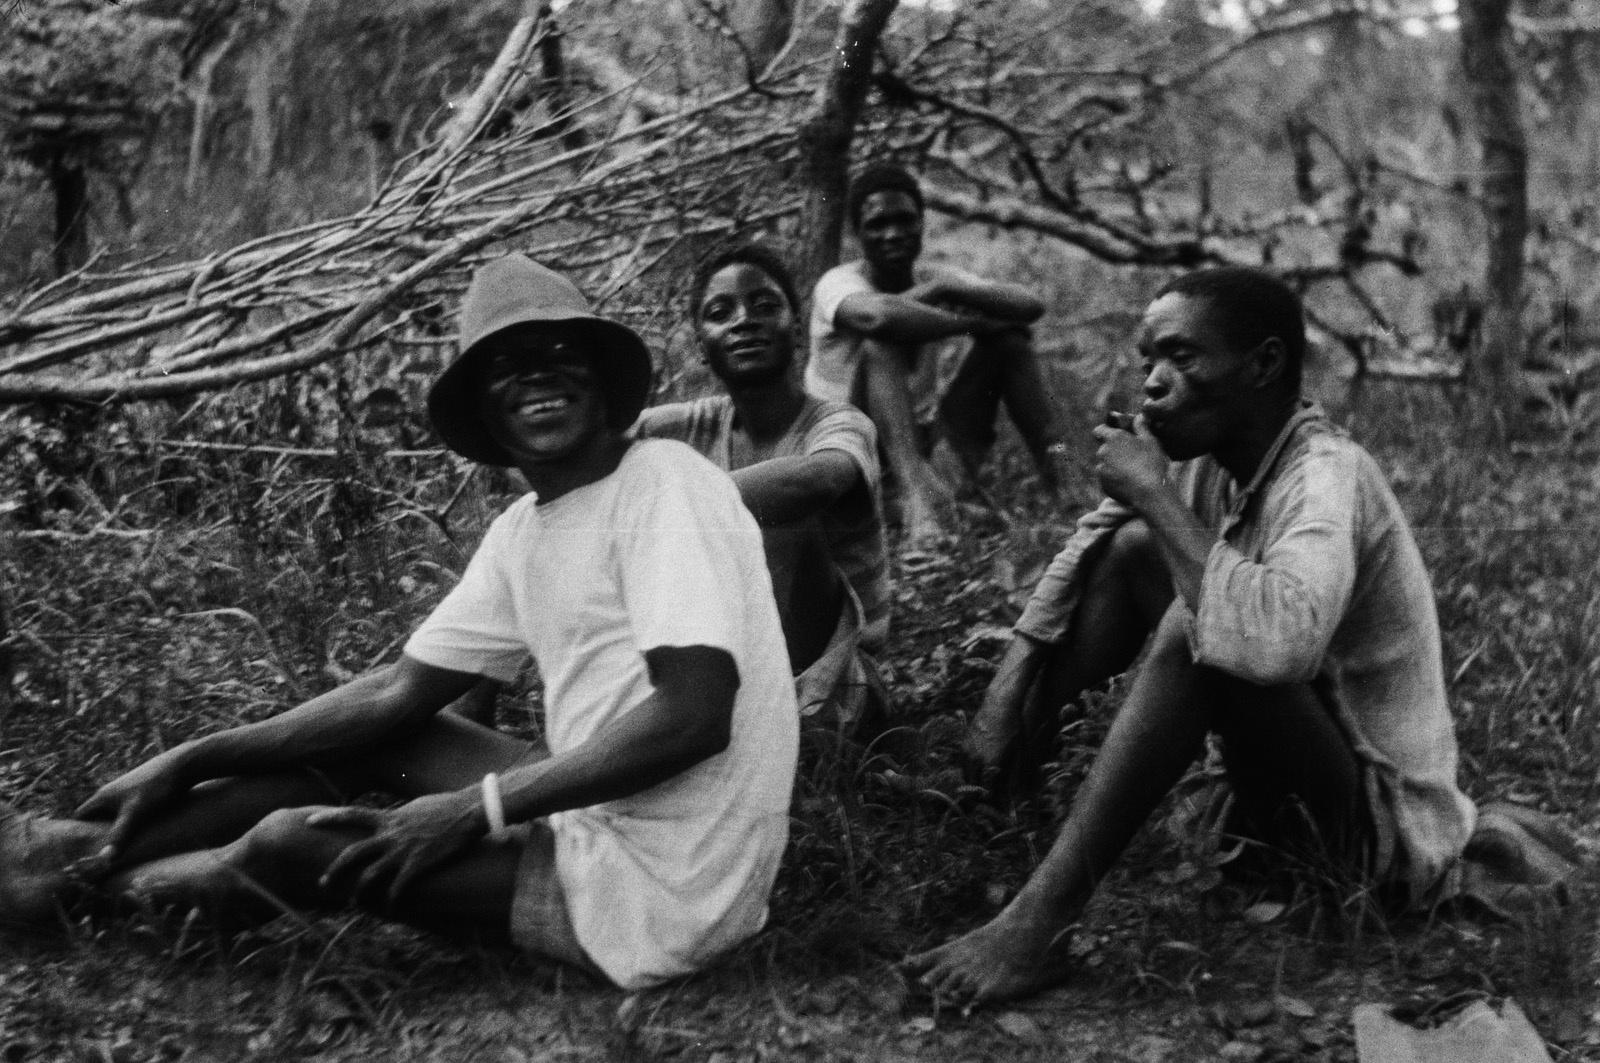 Н'Чанга. Мужчины народности лунда и кальвеносы из Анголы во время отдыха